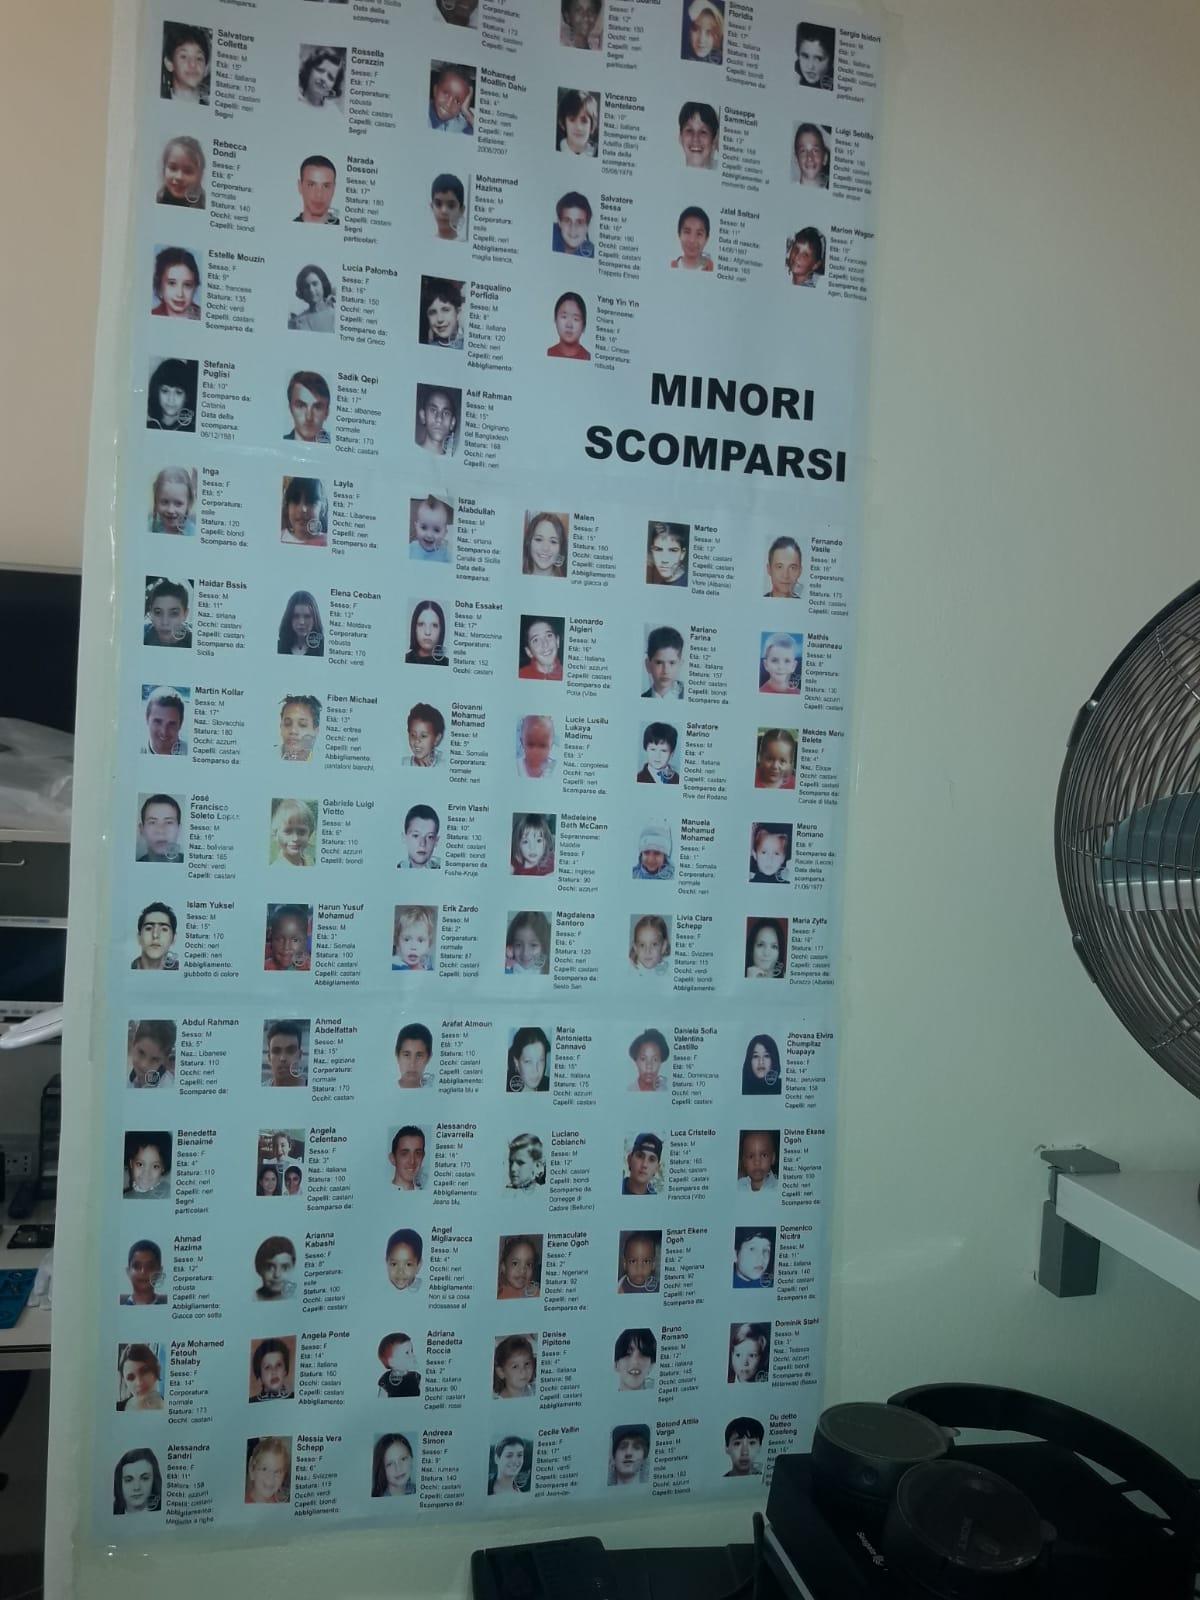 La lista dei minori scomparsi denunciata da Meter, foto di Roberto Mistretta